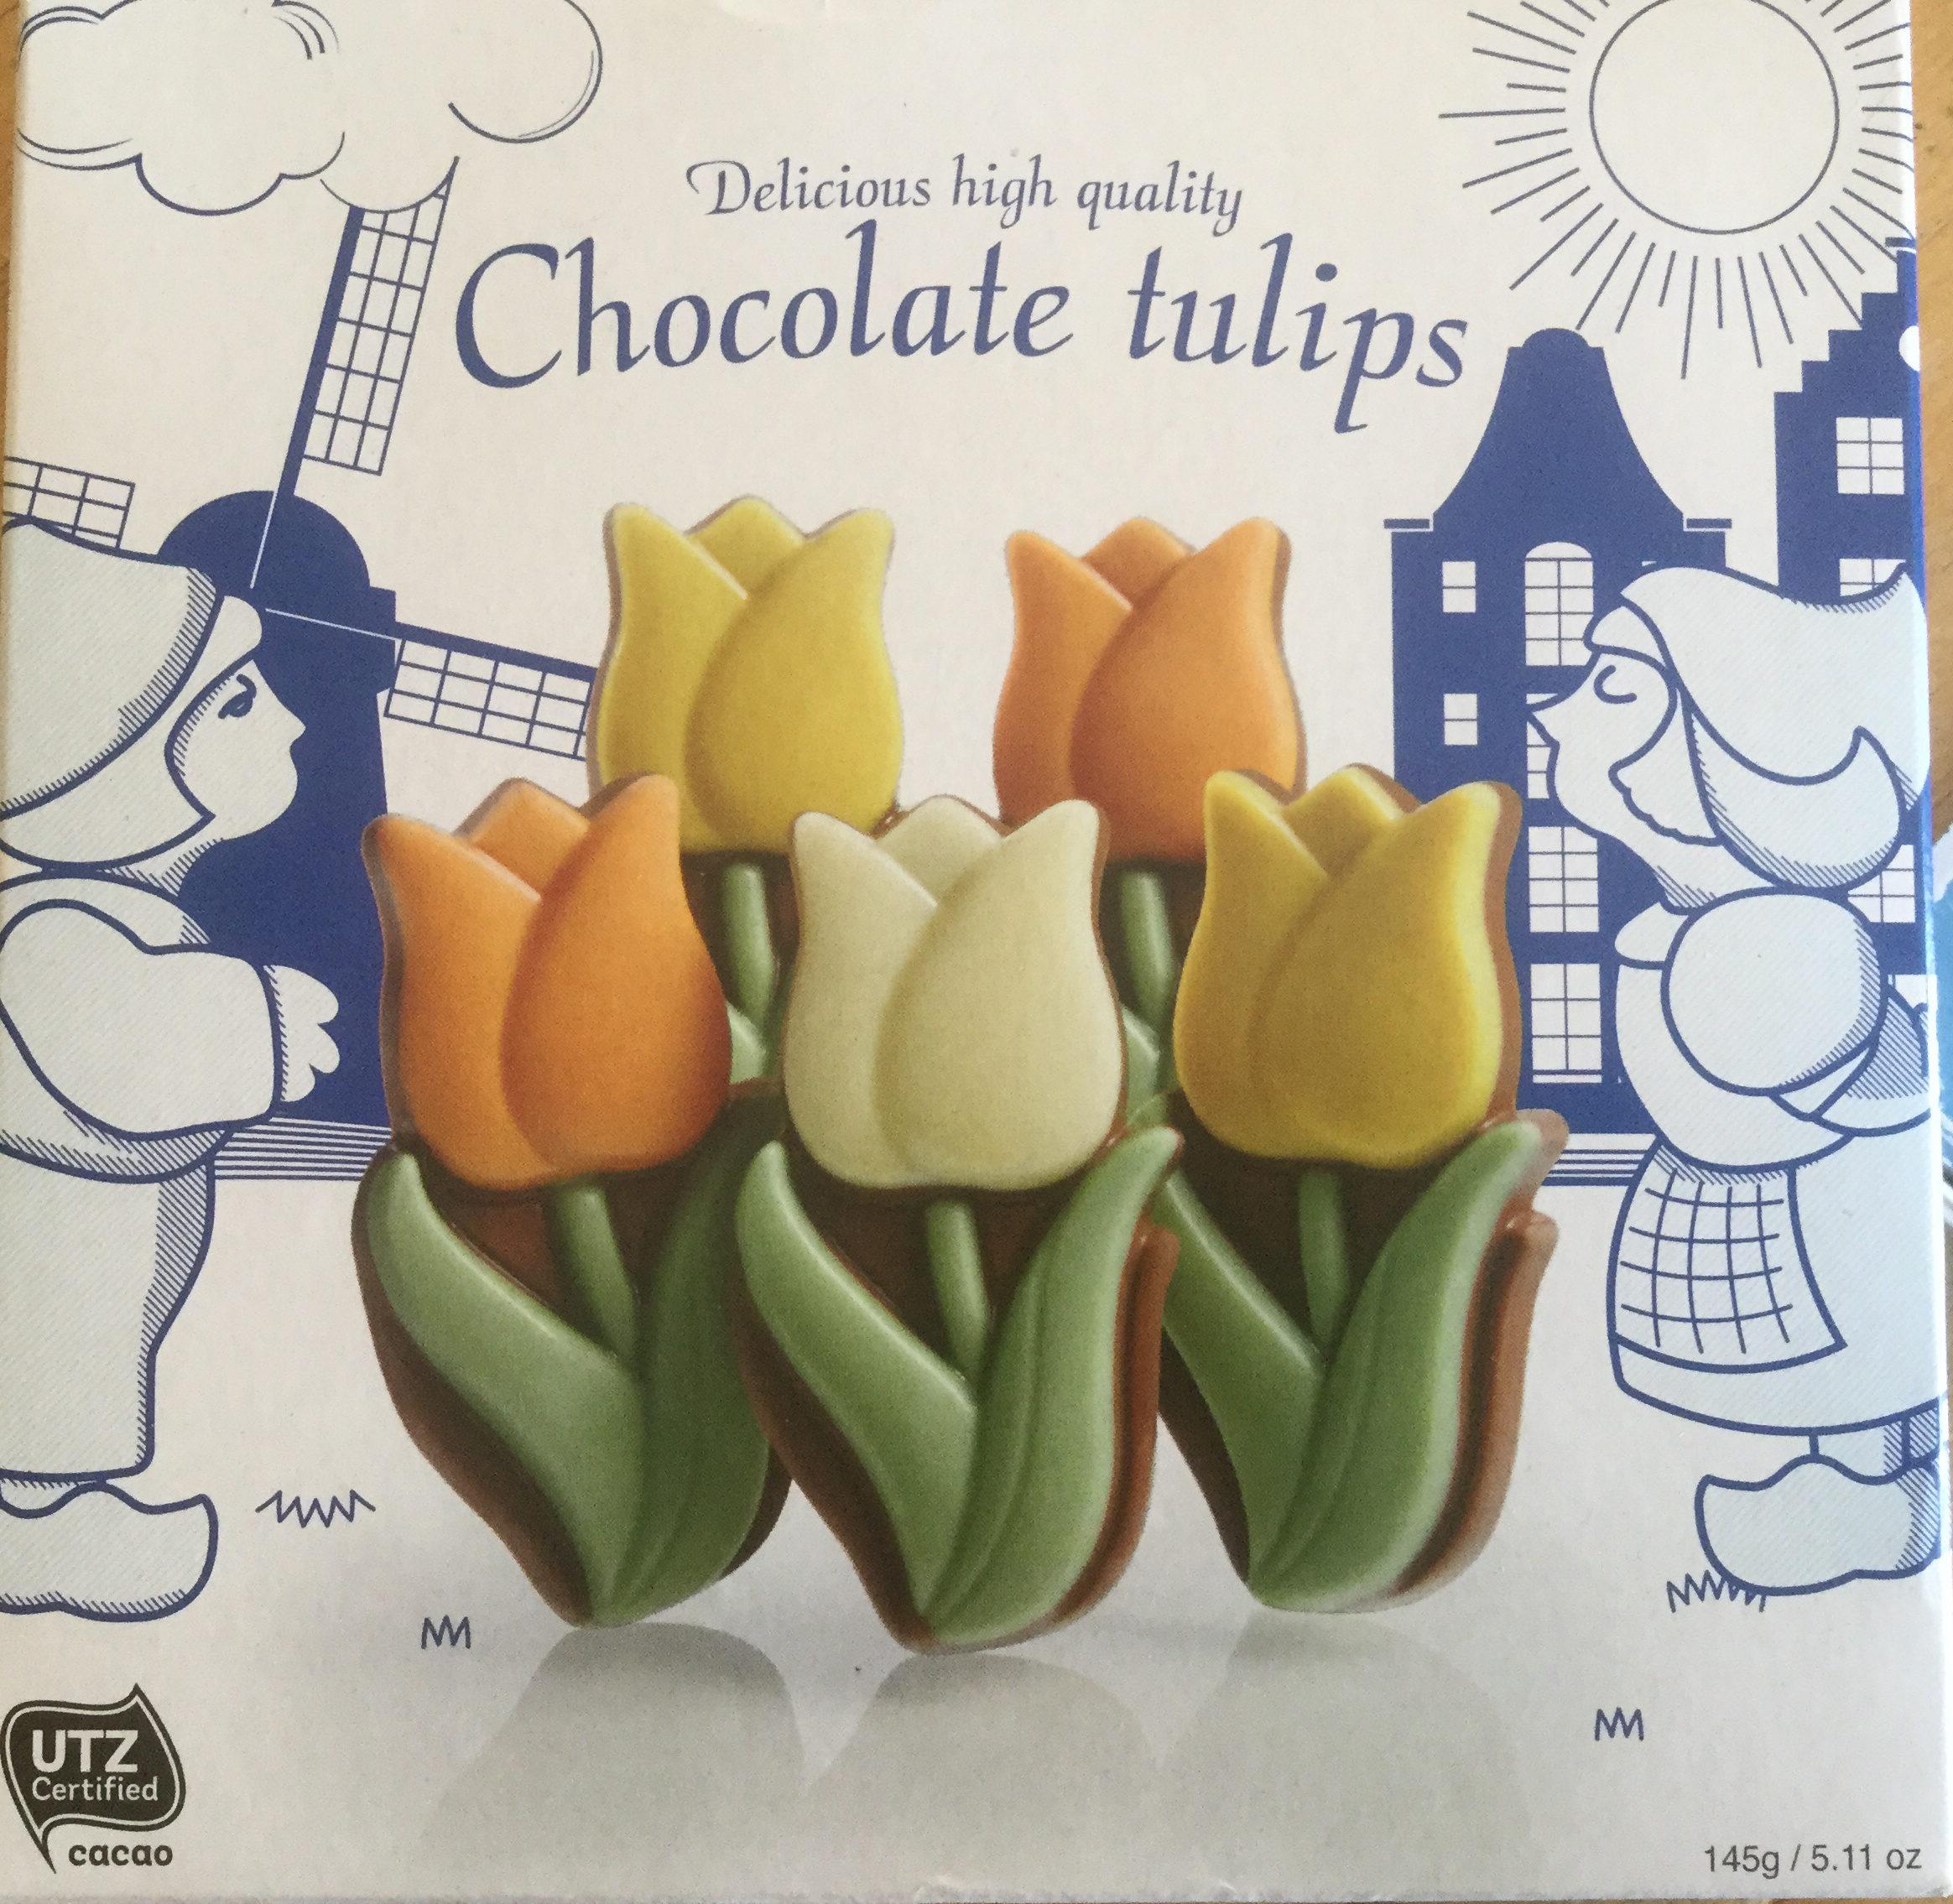 Chocolate tulips - Product - en